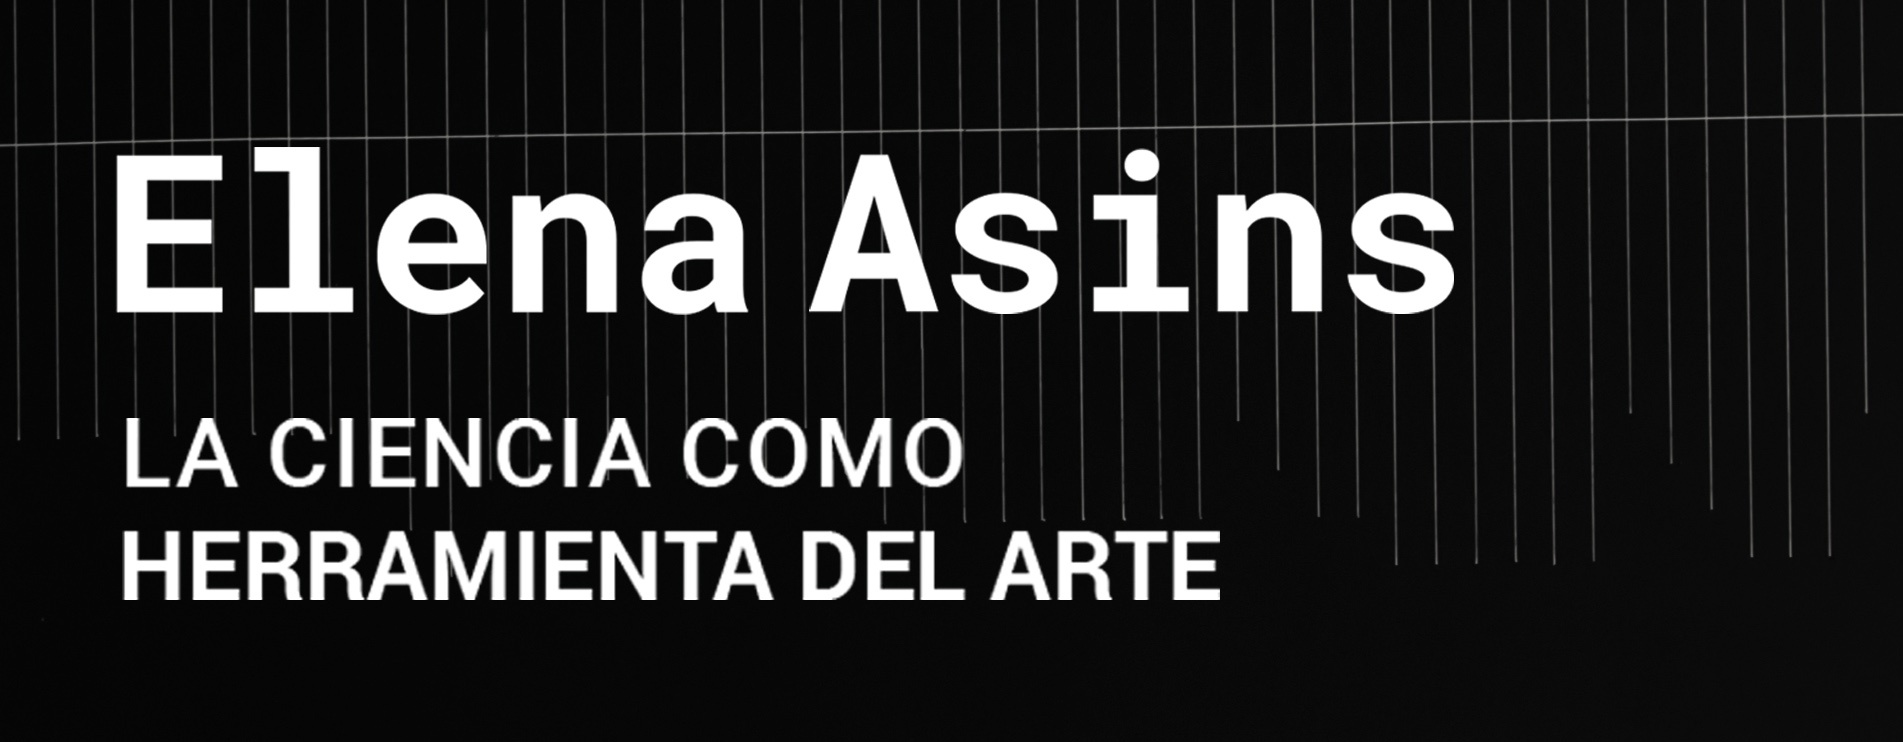 Elena Asins. La ciencia como herramienta del arte